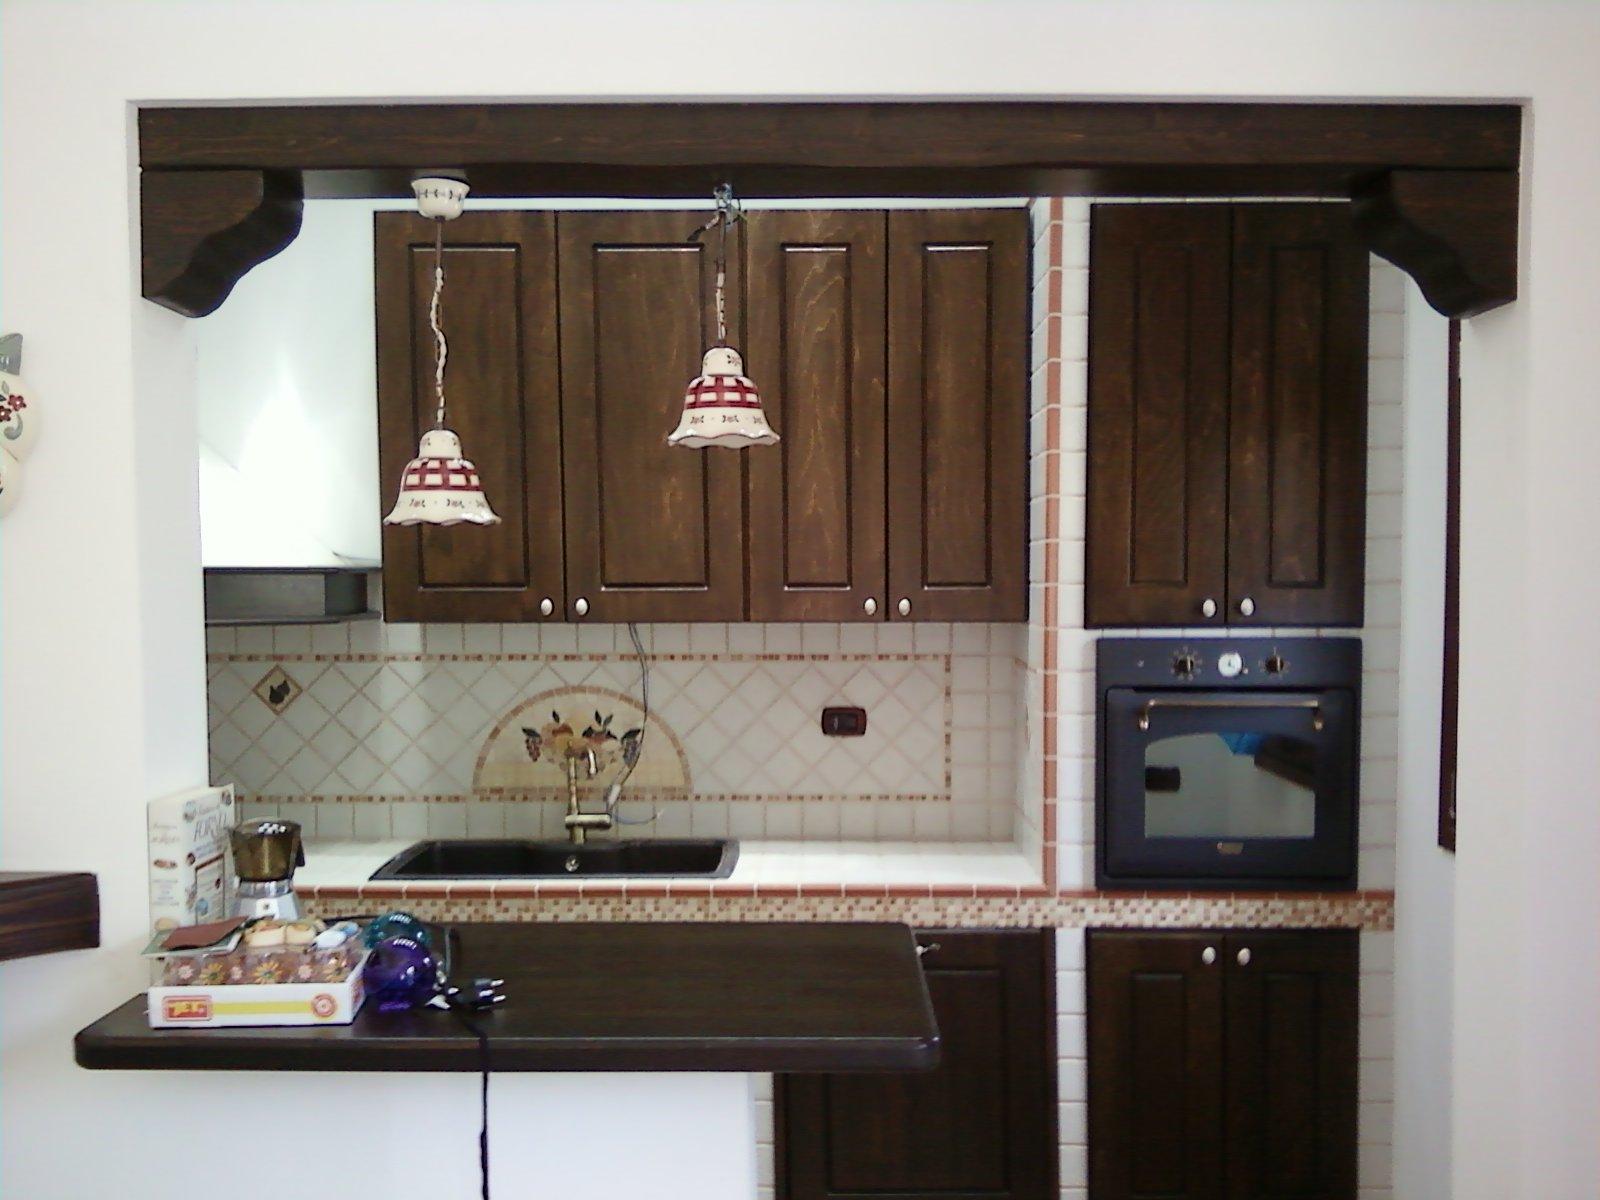 Cucina In Muratura Fai Da Te Foto : Cucina a gas industriale usata ...